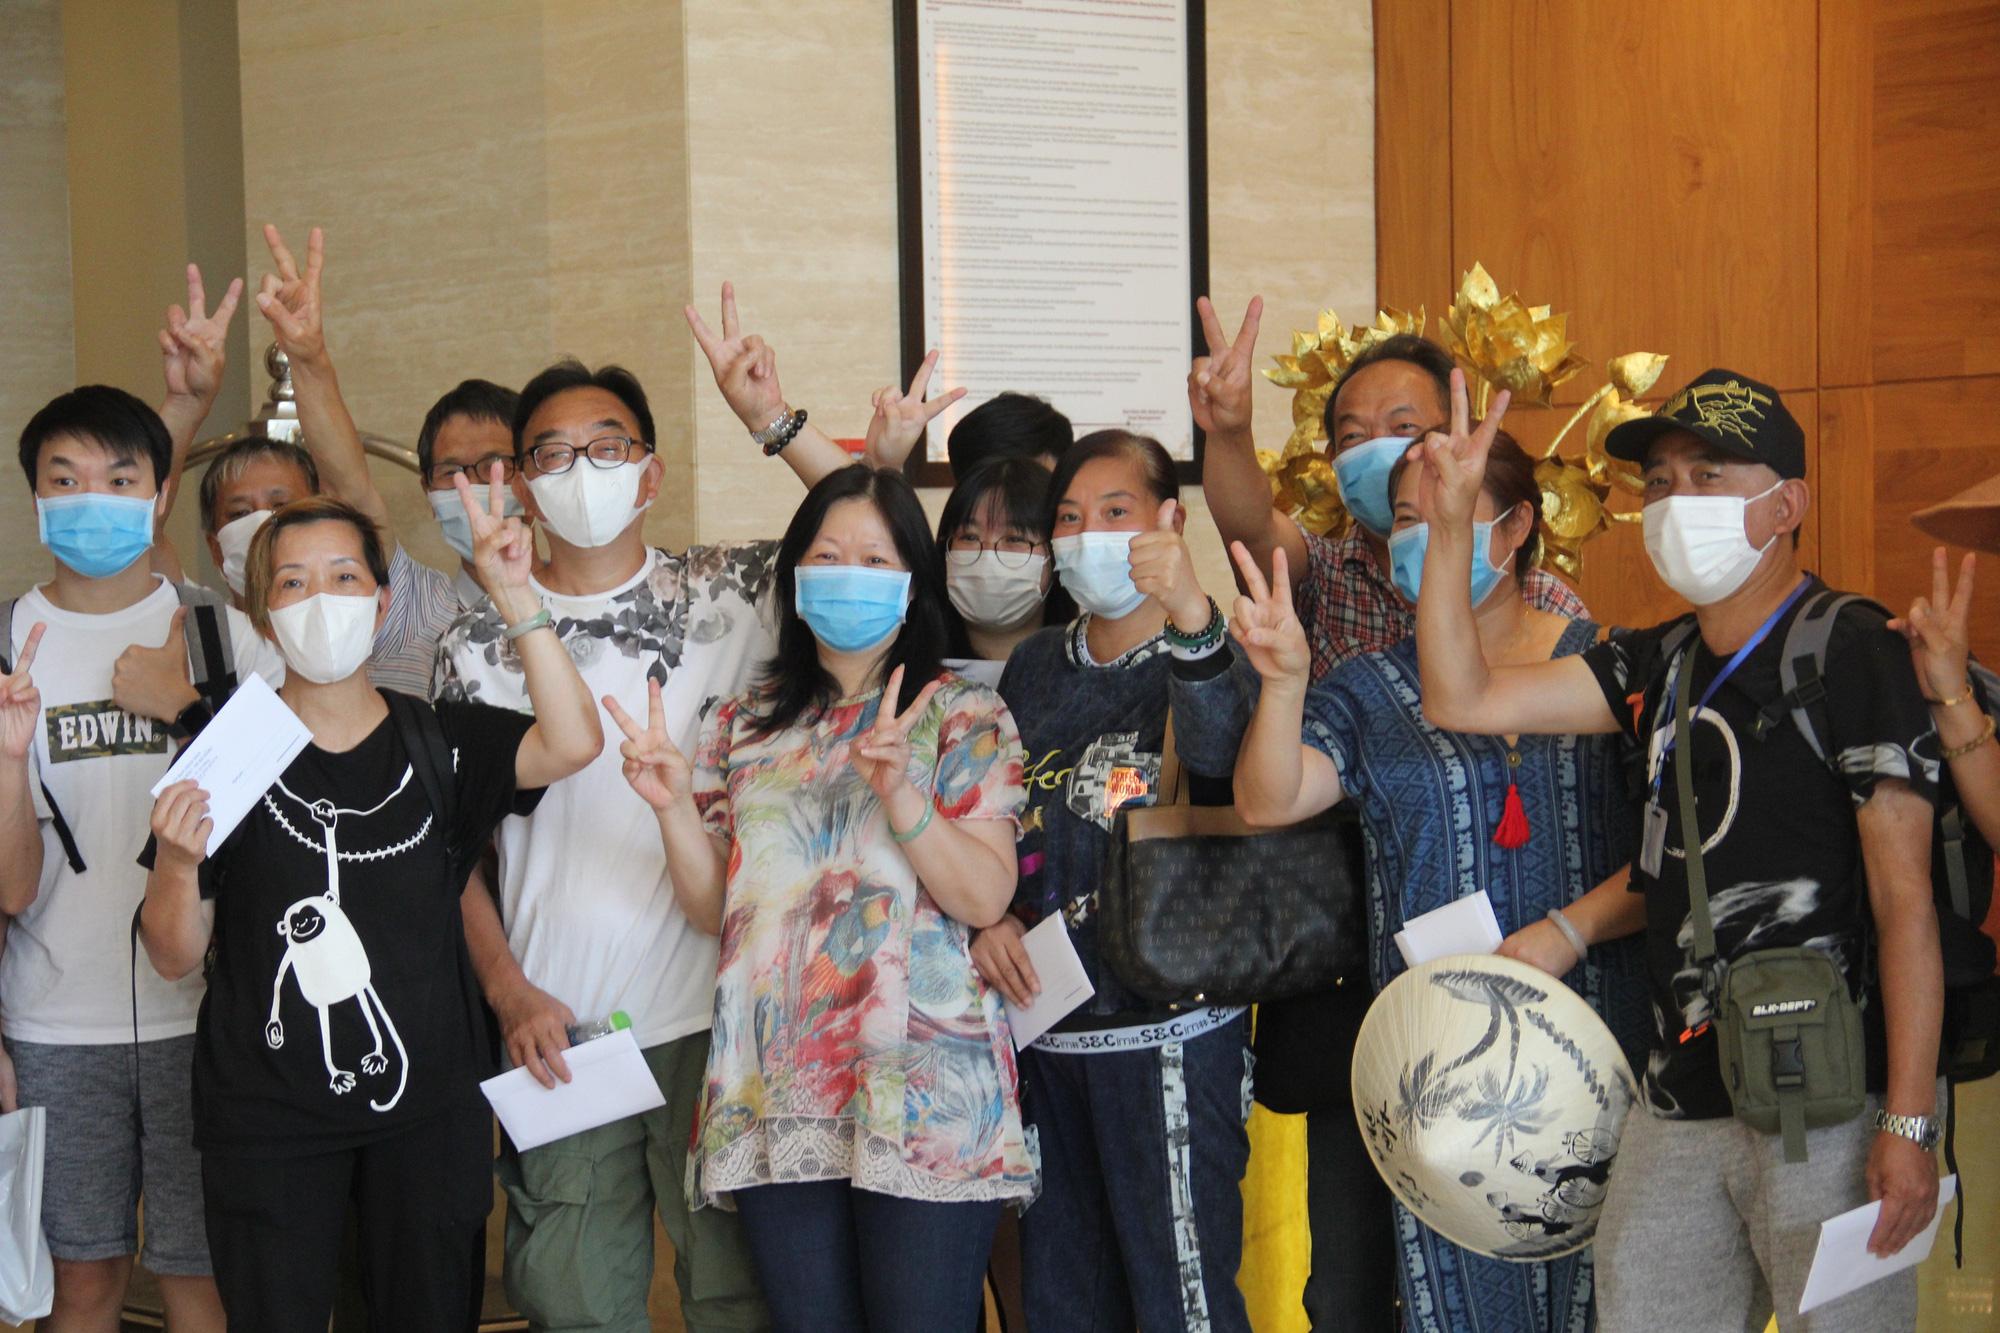 Du khách nước ngoài vui mừng rời khu cách ly ở Đà Nẵng: Cảm ơn các bạn và chúng tôi sẽ quay lại vào một ngày thuận lợi hơn - Ảnh 4.